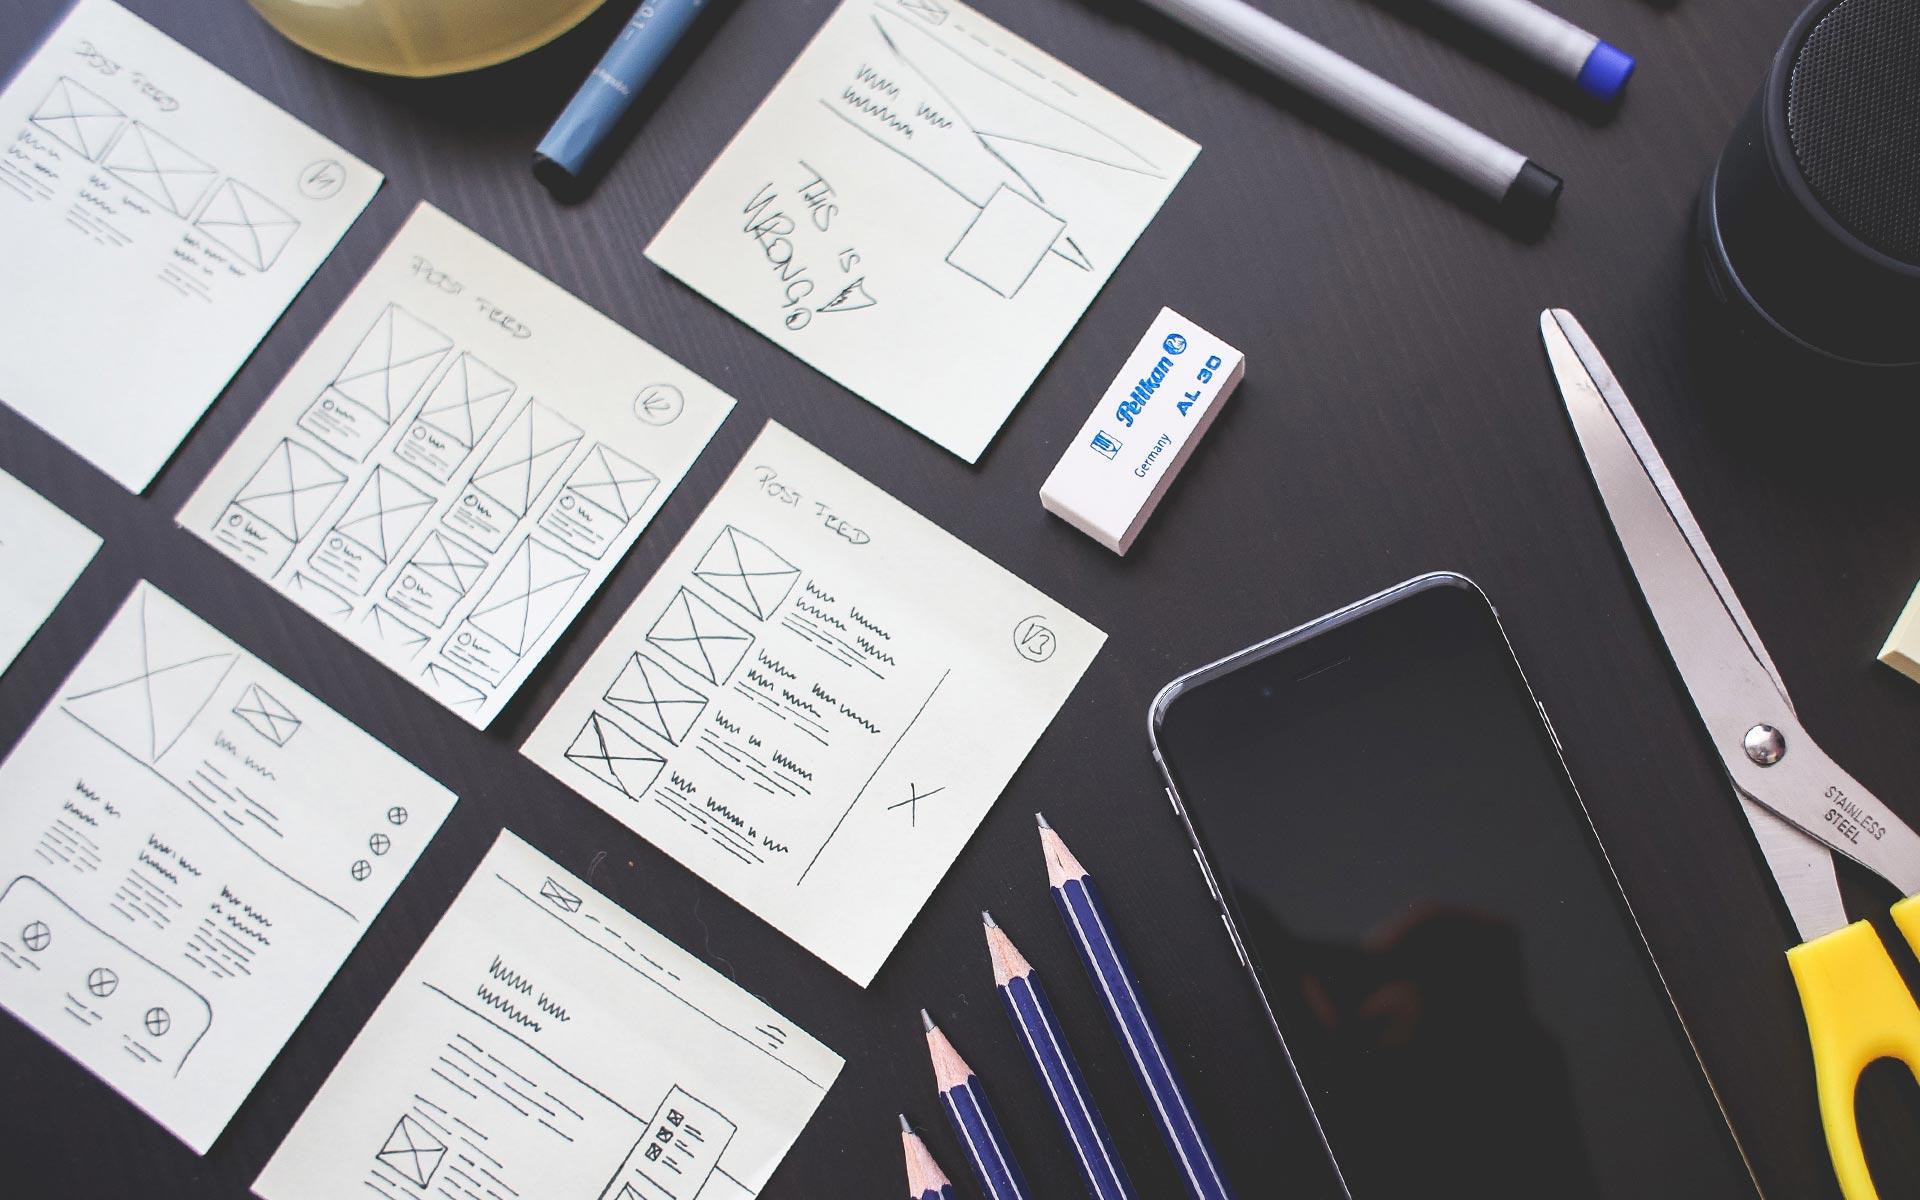 matter of design, design thinking, denkmethode